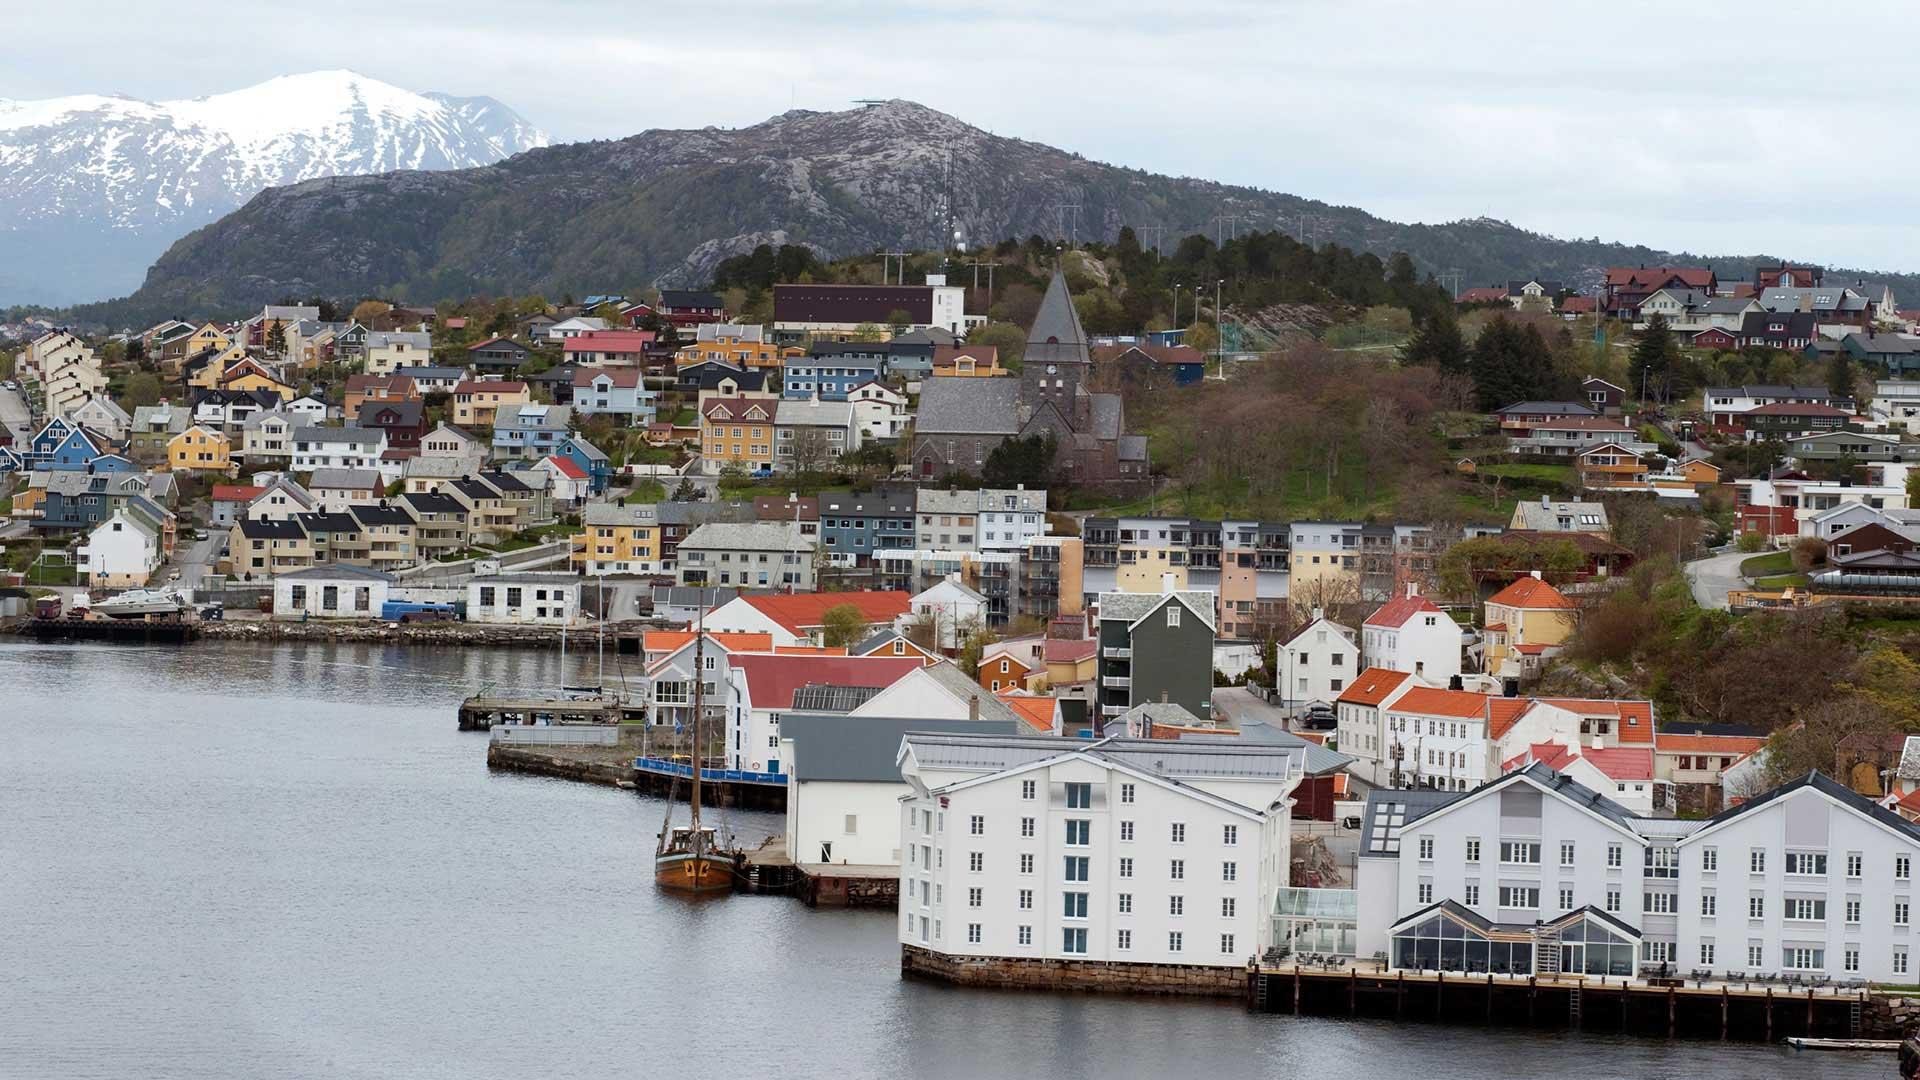 Kristiansund Norway  City pictures : kristiansund norway